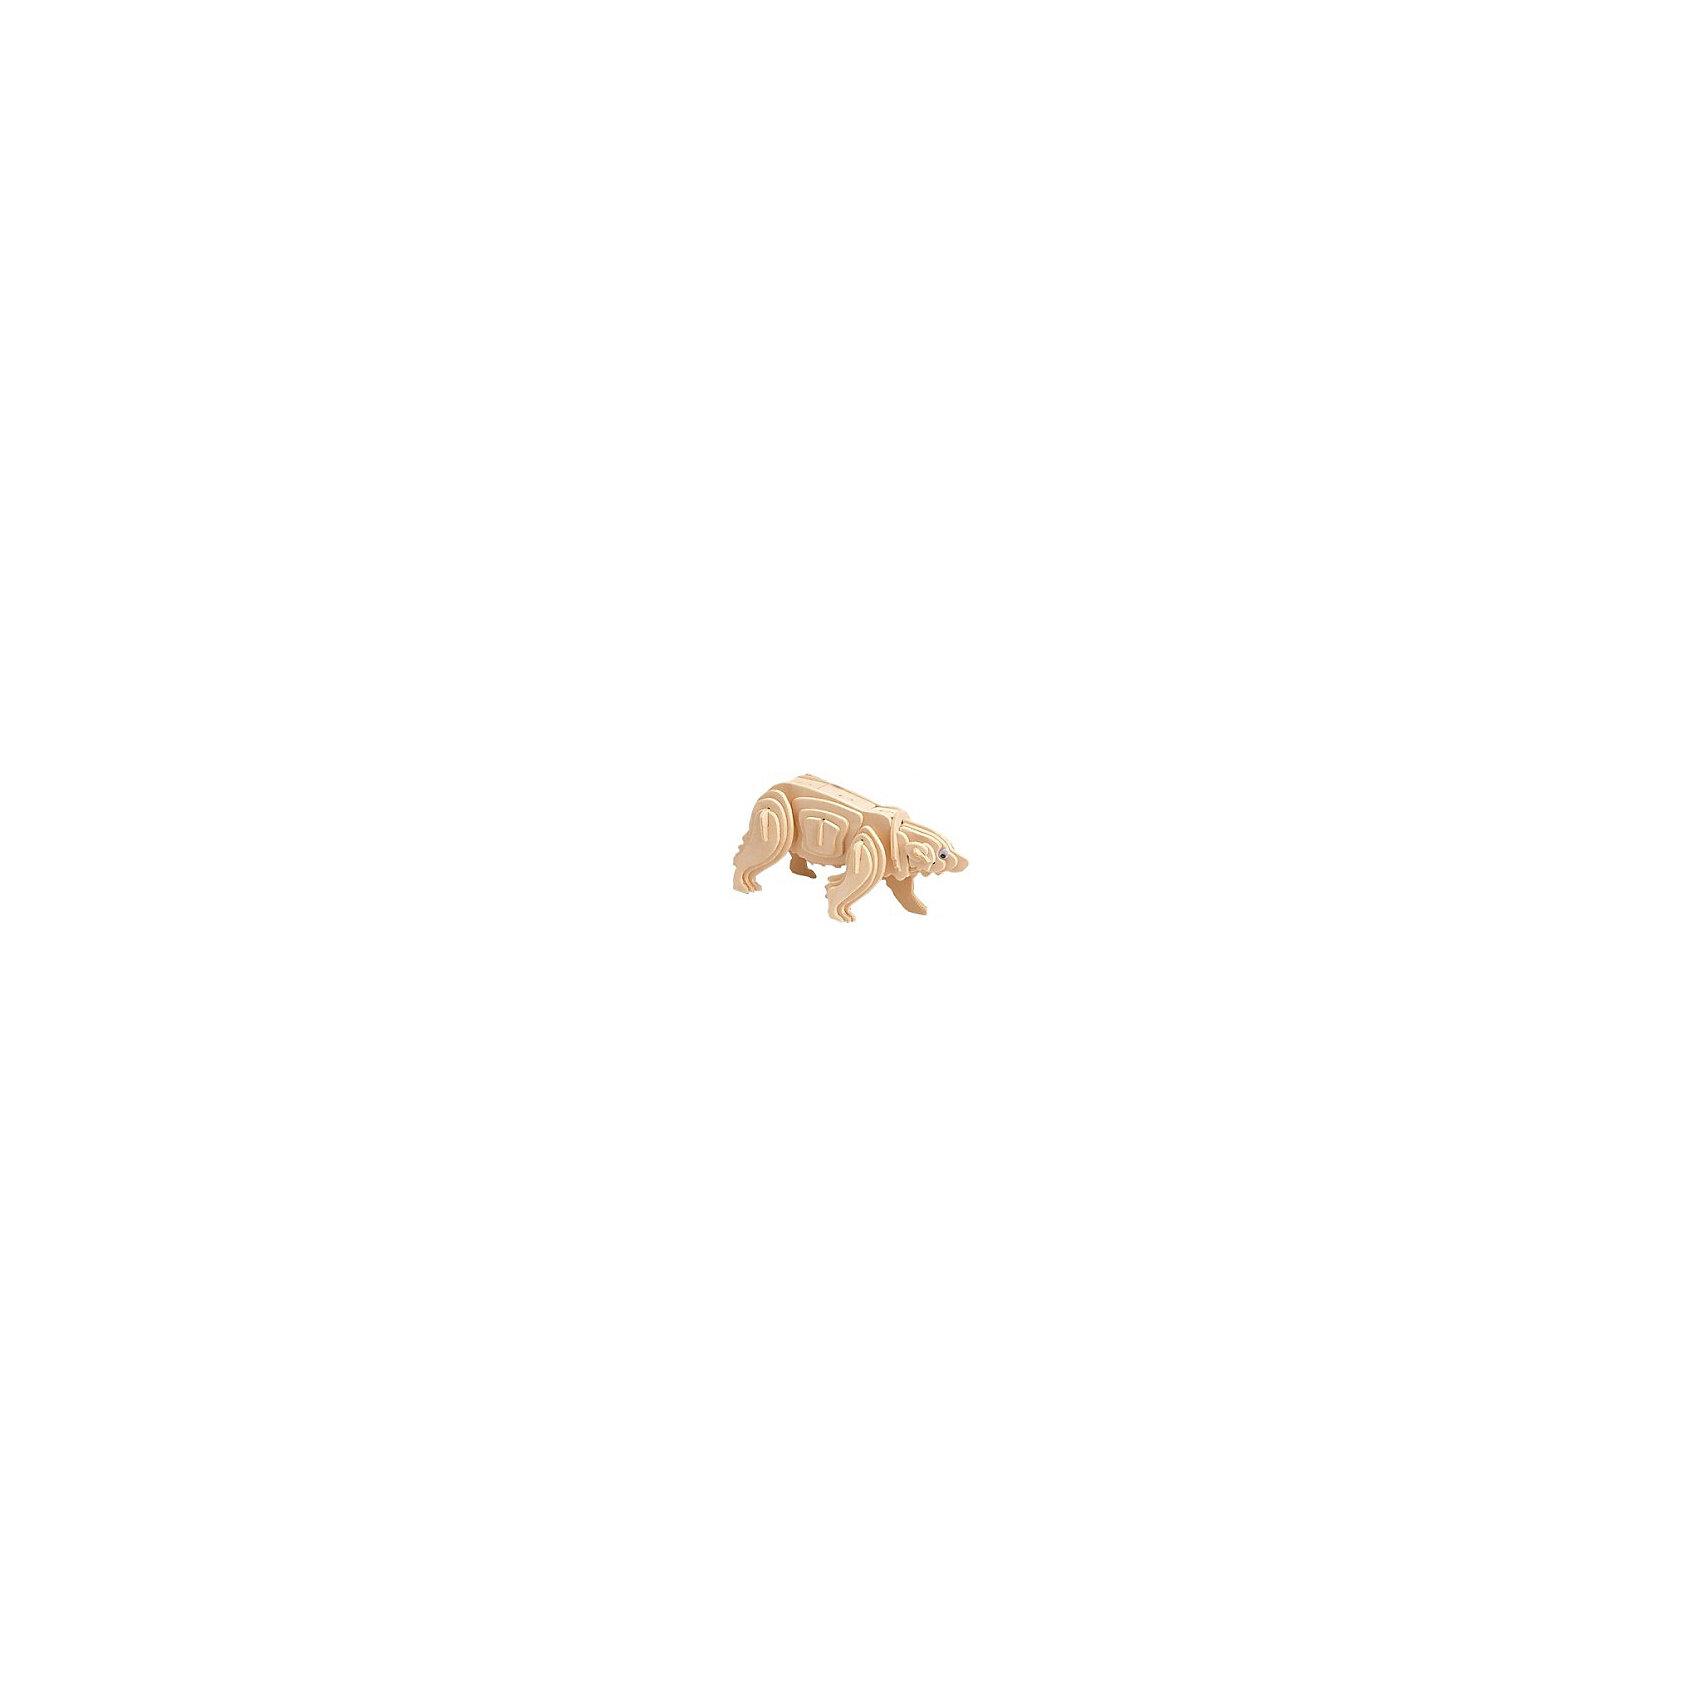 Белый медведь, Мир деревянных игрушекУдачный вариант подарка для творческого ребенка - этот набор, из которого можно самому сделать красивую деревянную фигуру! Для этого нужно выдавить из пластины с деталями элементы для сборки и соединить их. Из наборов получаются красивые очень реалистичные игрушки, которые могут стать украшением комнаты.<br>Собирая их, ребенок будет учиться соотносить фигуры, развивать пространственное мышление, память и мелкую моторику. А раскрашивая готовое произведение, дети научатся подбирать цвета и будут развивать художественные навыки. Этот набор произведен из качественных и безопасных для детей материалов - дерево тщательно обработано.<br><br>Дополнительная информация:<br><br>материал: дерево;<br>цвет: бежевый;<br>элементы: пластины с деталями для сборки;<br>размер упаковки: 23 х 18 см.<br><br>3D-пазл Белый медведь от бренда Мир деревянных игрушек можно купить в нашем магазине.<br><br>Ширина мм: 225<br>Глубина мм: 30<br>Высота мм: 180<br>Вес г: 450<br>Возраст от месяцев: 36<br>Возраст до месяцев: 144<br>Пол: Унисекс<br>Возраст: Детский<br>SKU: 4969070